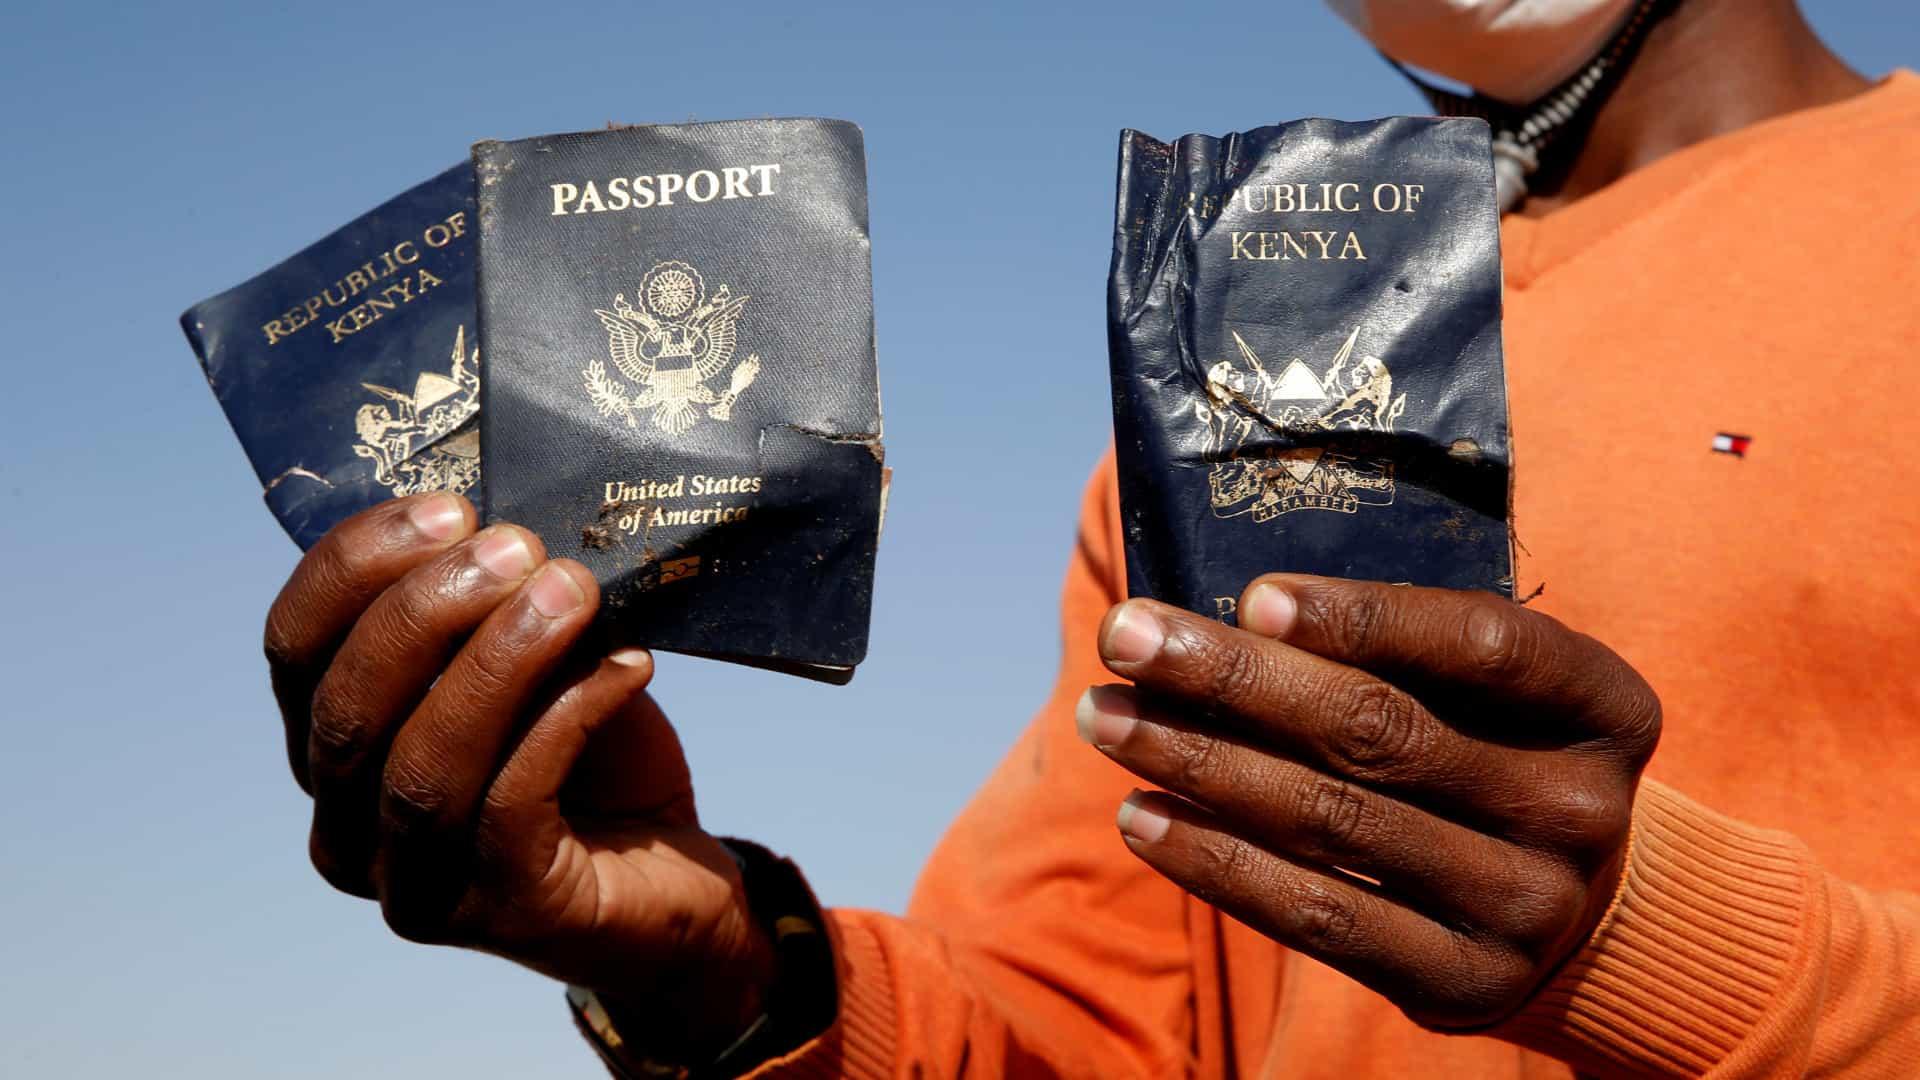 nove consultores da união africana vítimas da queda de avião na etiópia - acidente passaporte  - Nove consultores da União Africana vítimas da queda de avião na Etiópia